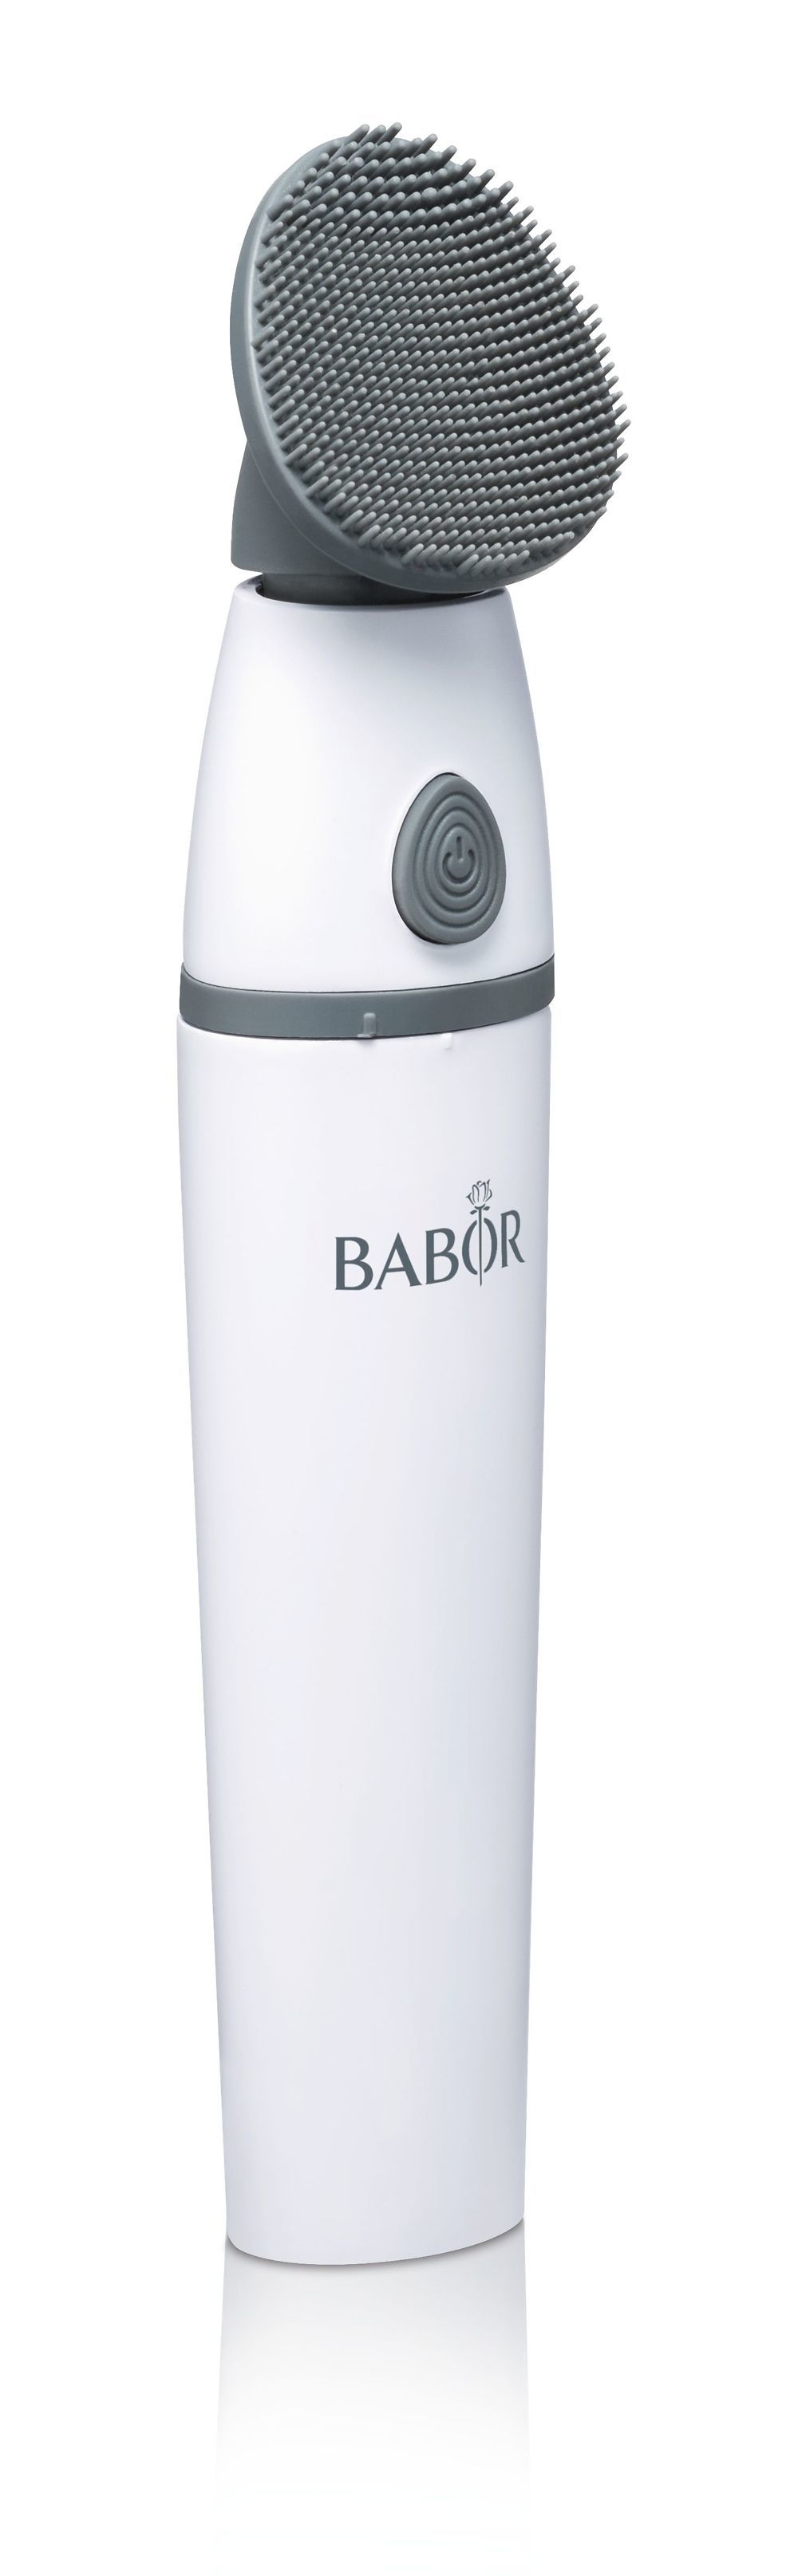 Cepillo limpiador de silicona de Babor.